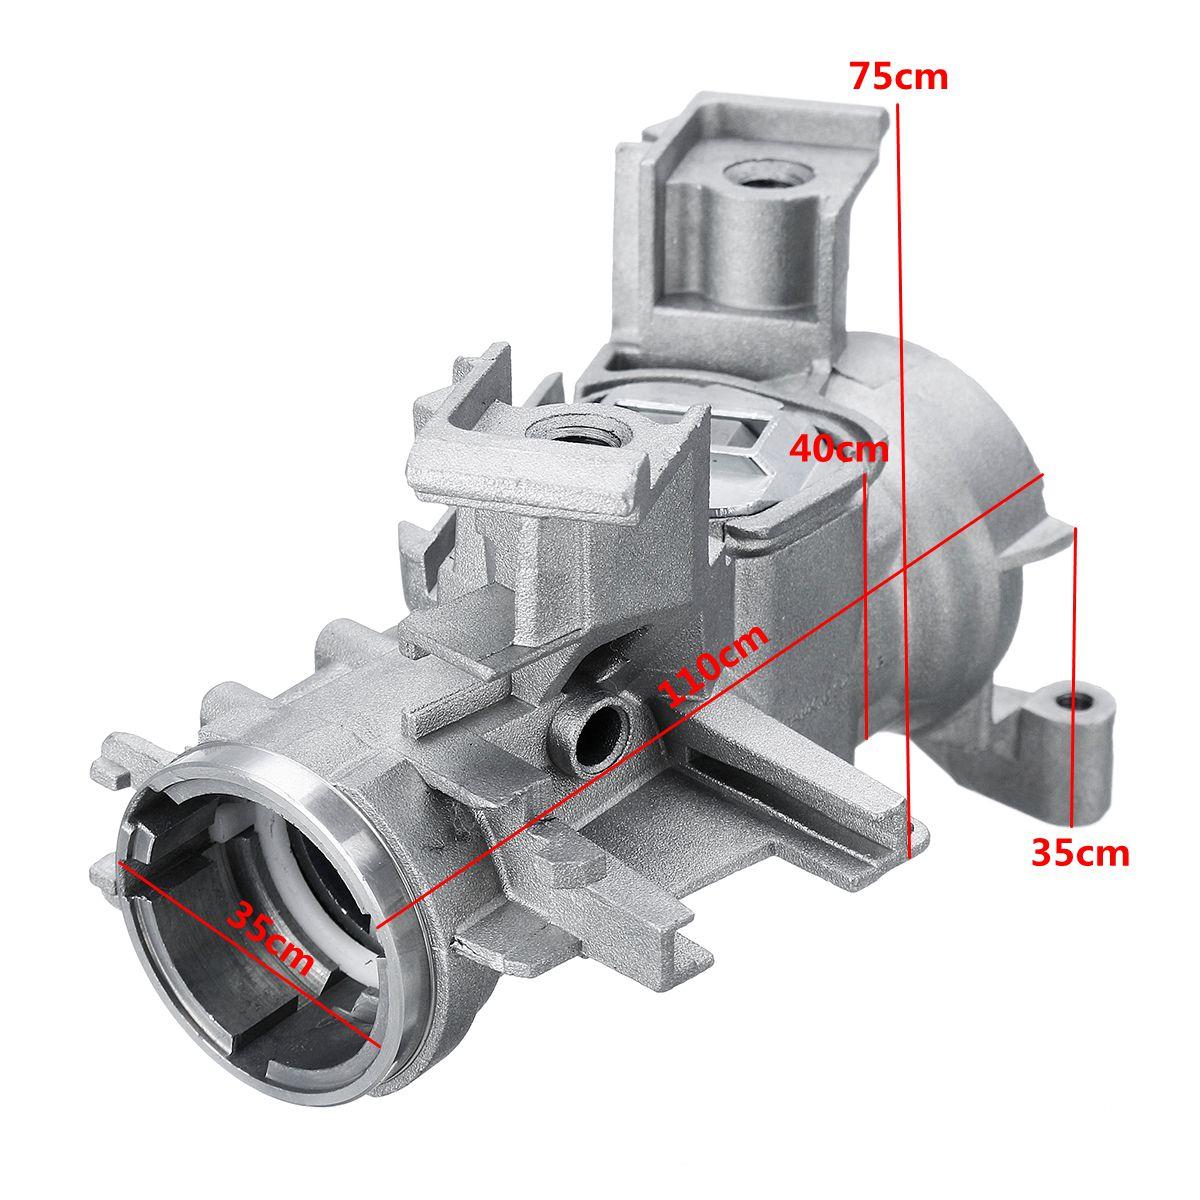 1K0905851B 1K0905865 Ignition Starter Switch Steering Lock Barrel Housing For VW for Golf for Jetta Tiguan for AUDI SEAT 3093604